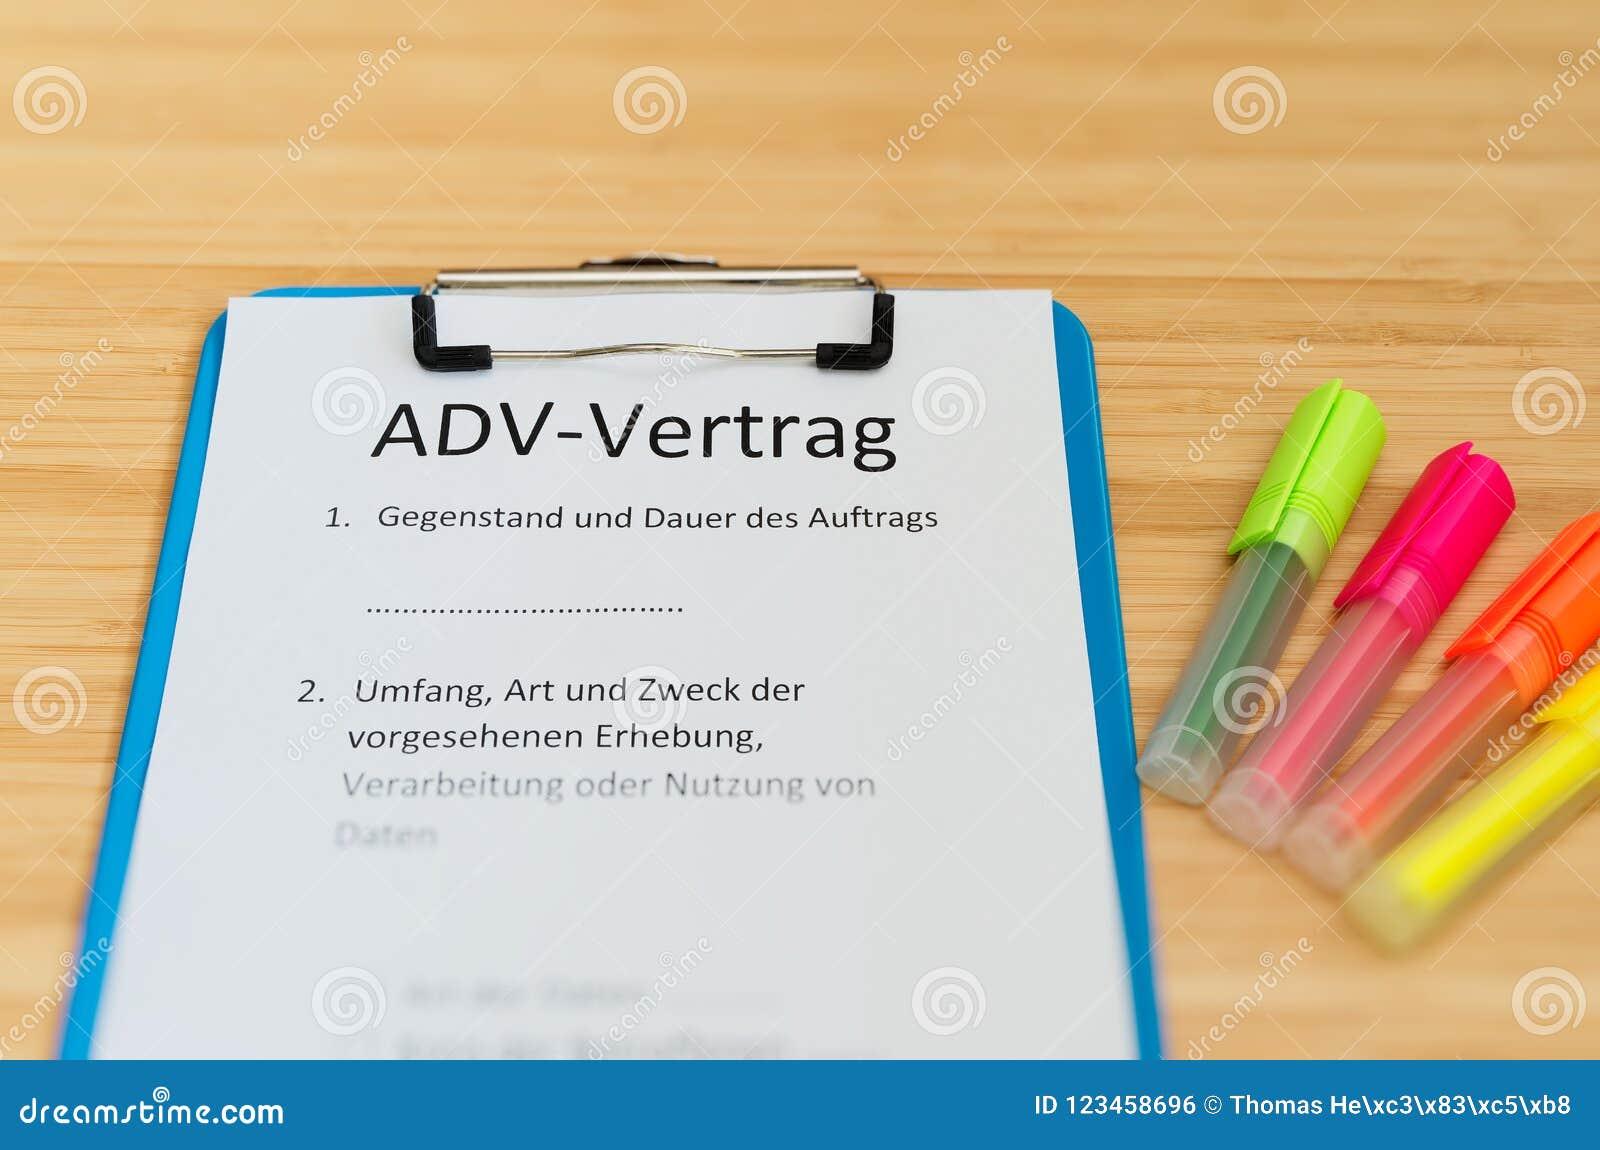 Περιοχή αποκομμάτων διάρκειας μια σύμβαση και μια επιγραφή σε γερμανικό ADV-Vertrag στην αγγλική σύμβαση ADV και περιεχόμενο και